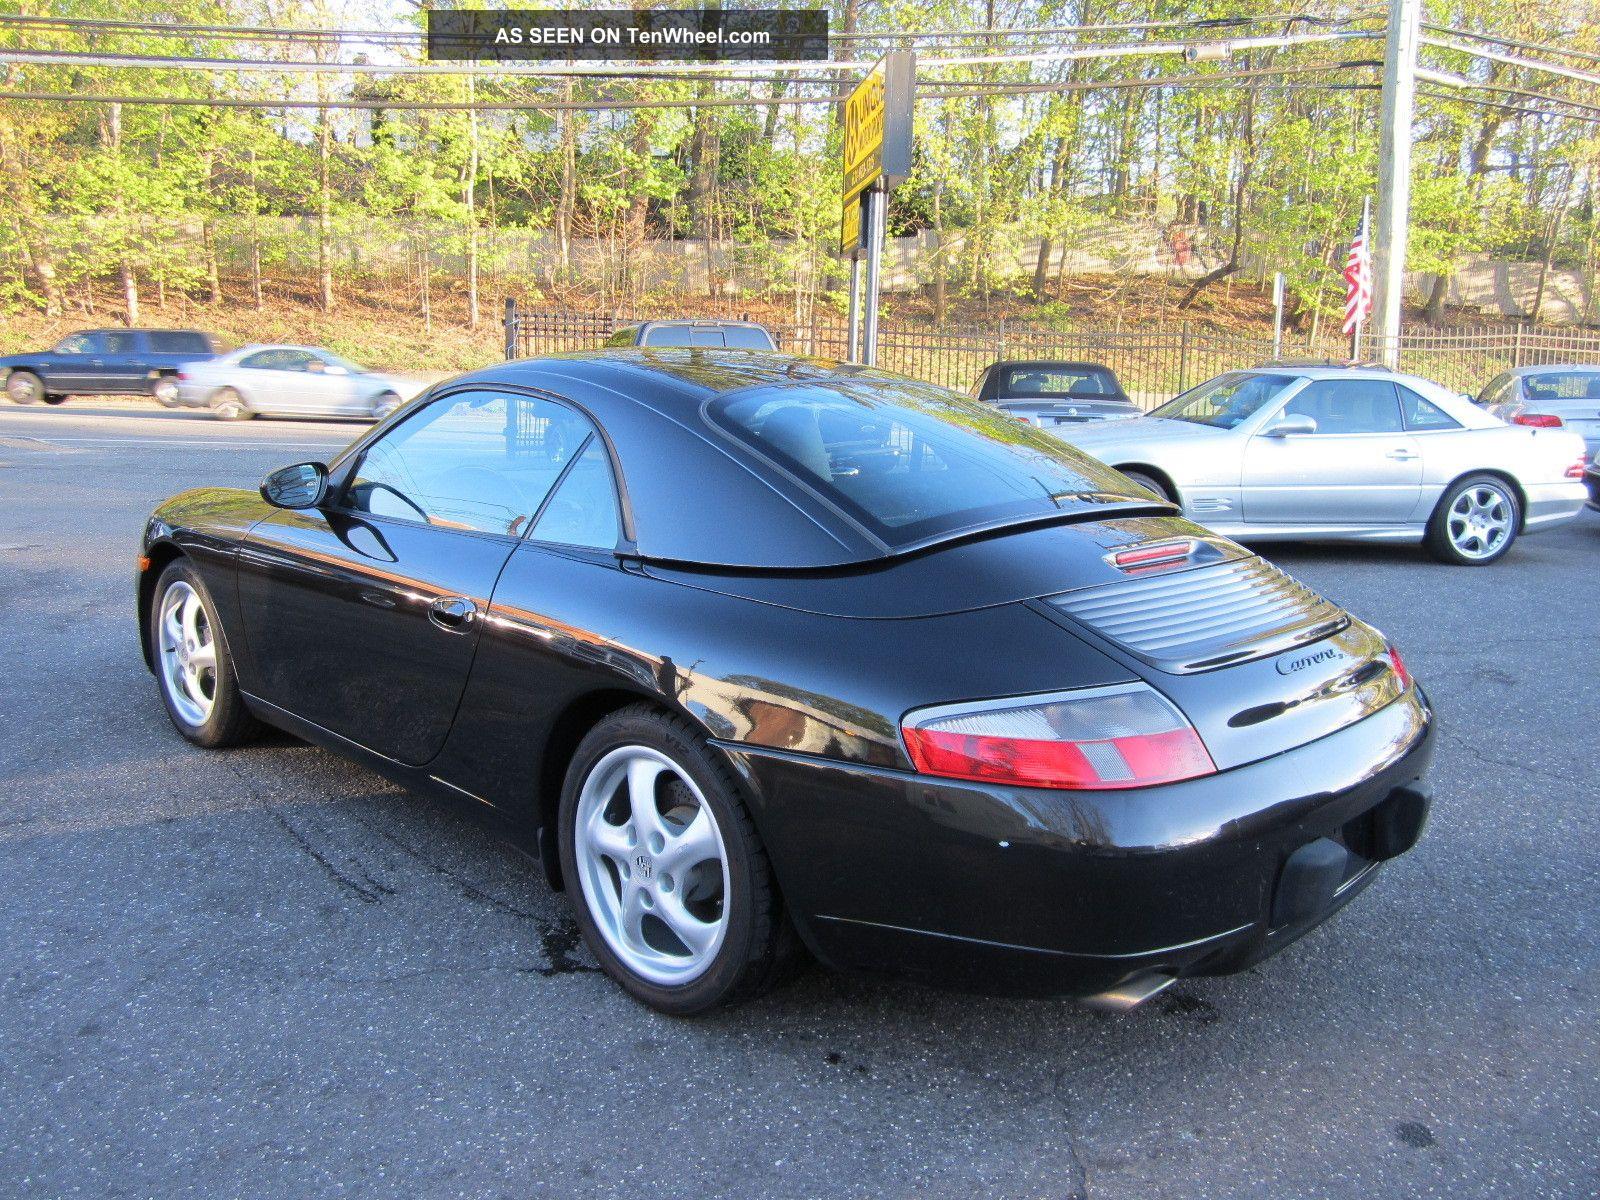 1999 porsche 911 carrera cabrio with factory hardtop. Black Bedroom Furniture Sets. Home Design Ideas